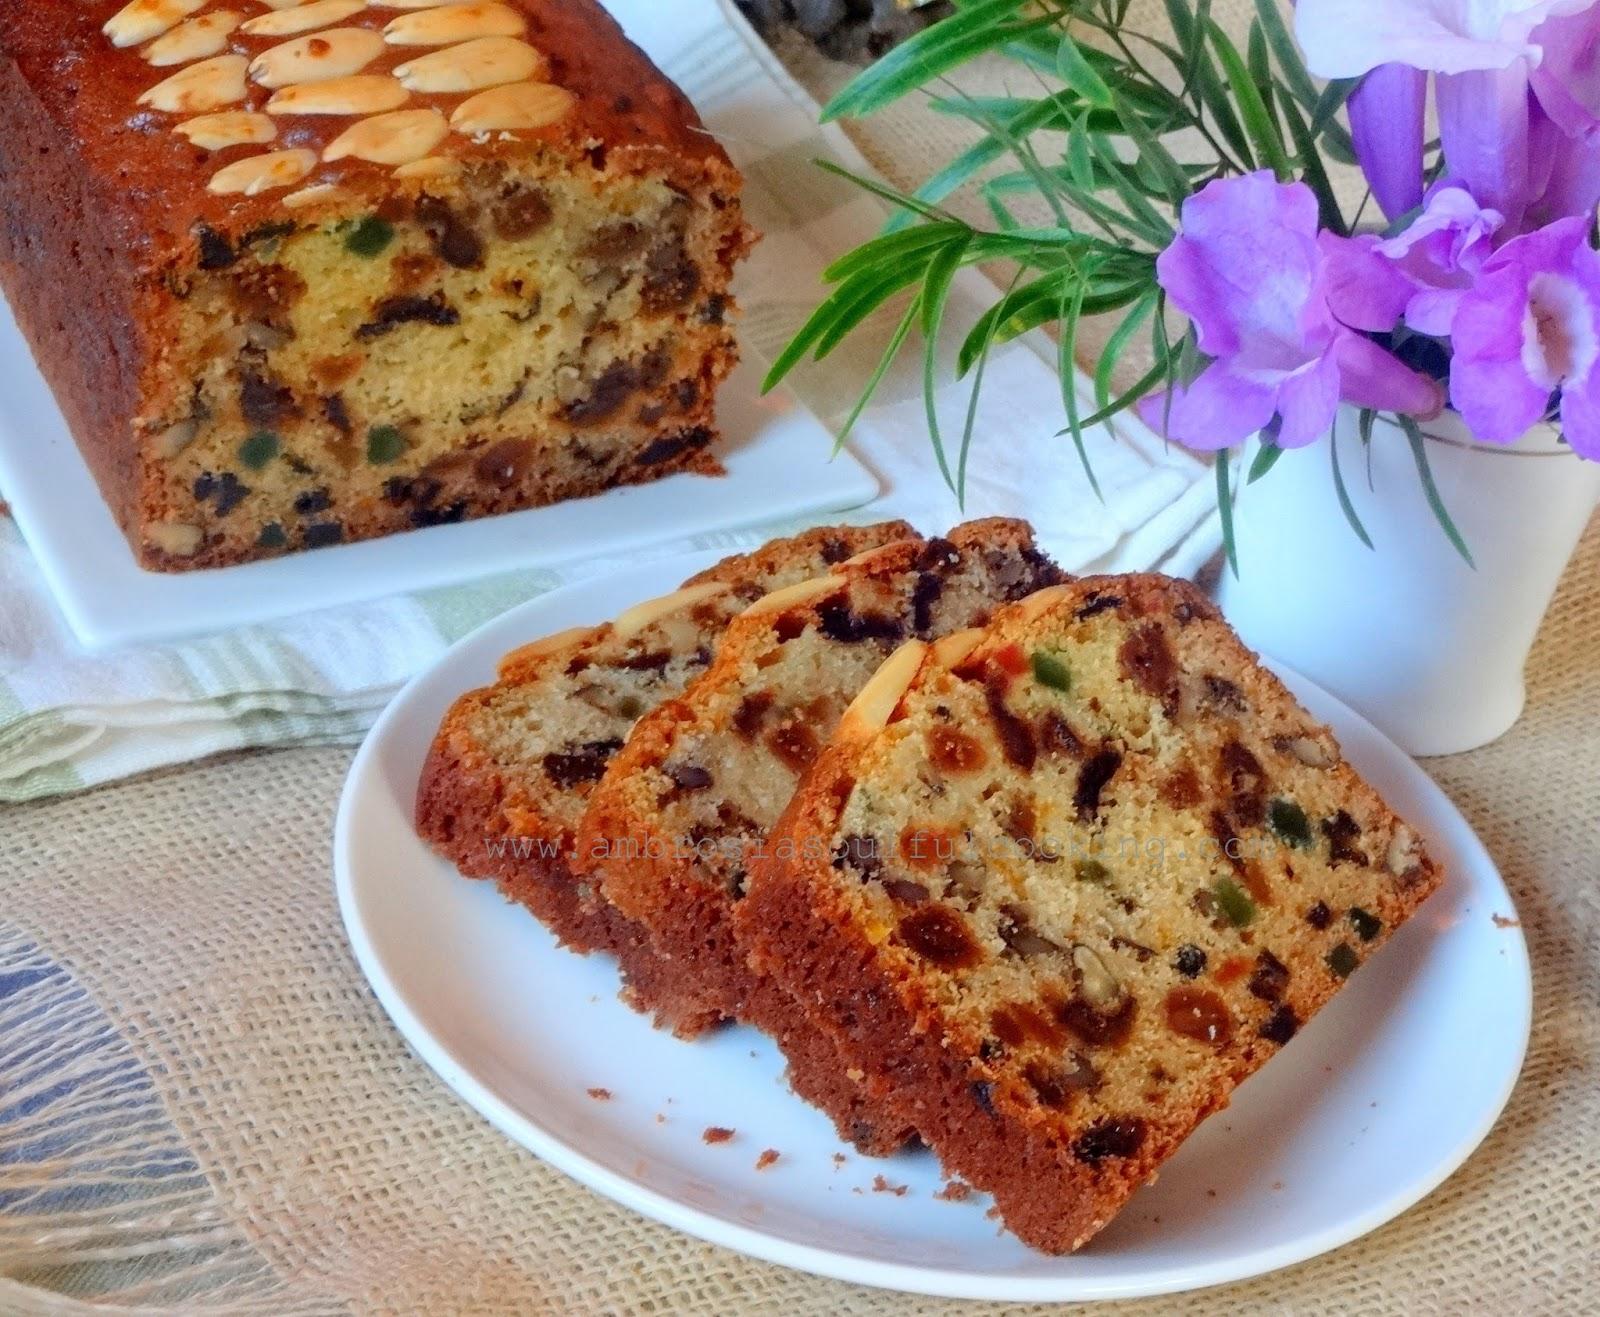 Fruit Cake Recipe Loaf Pan: Easy Fruit Cake